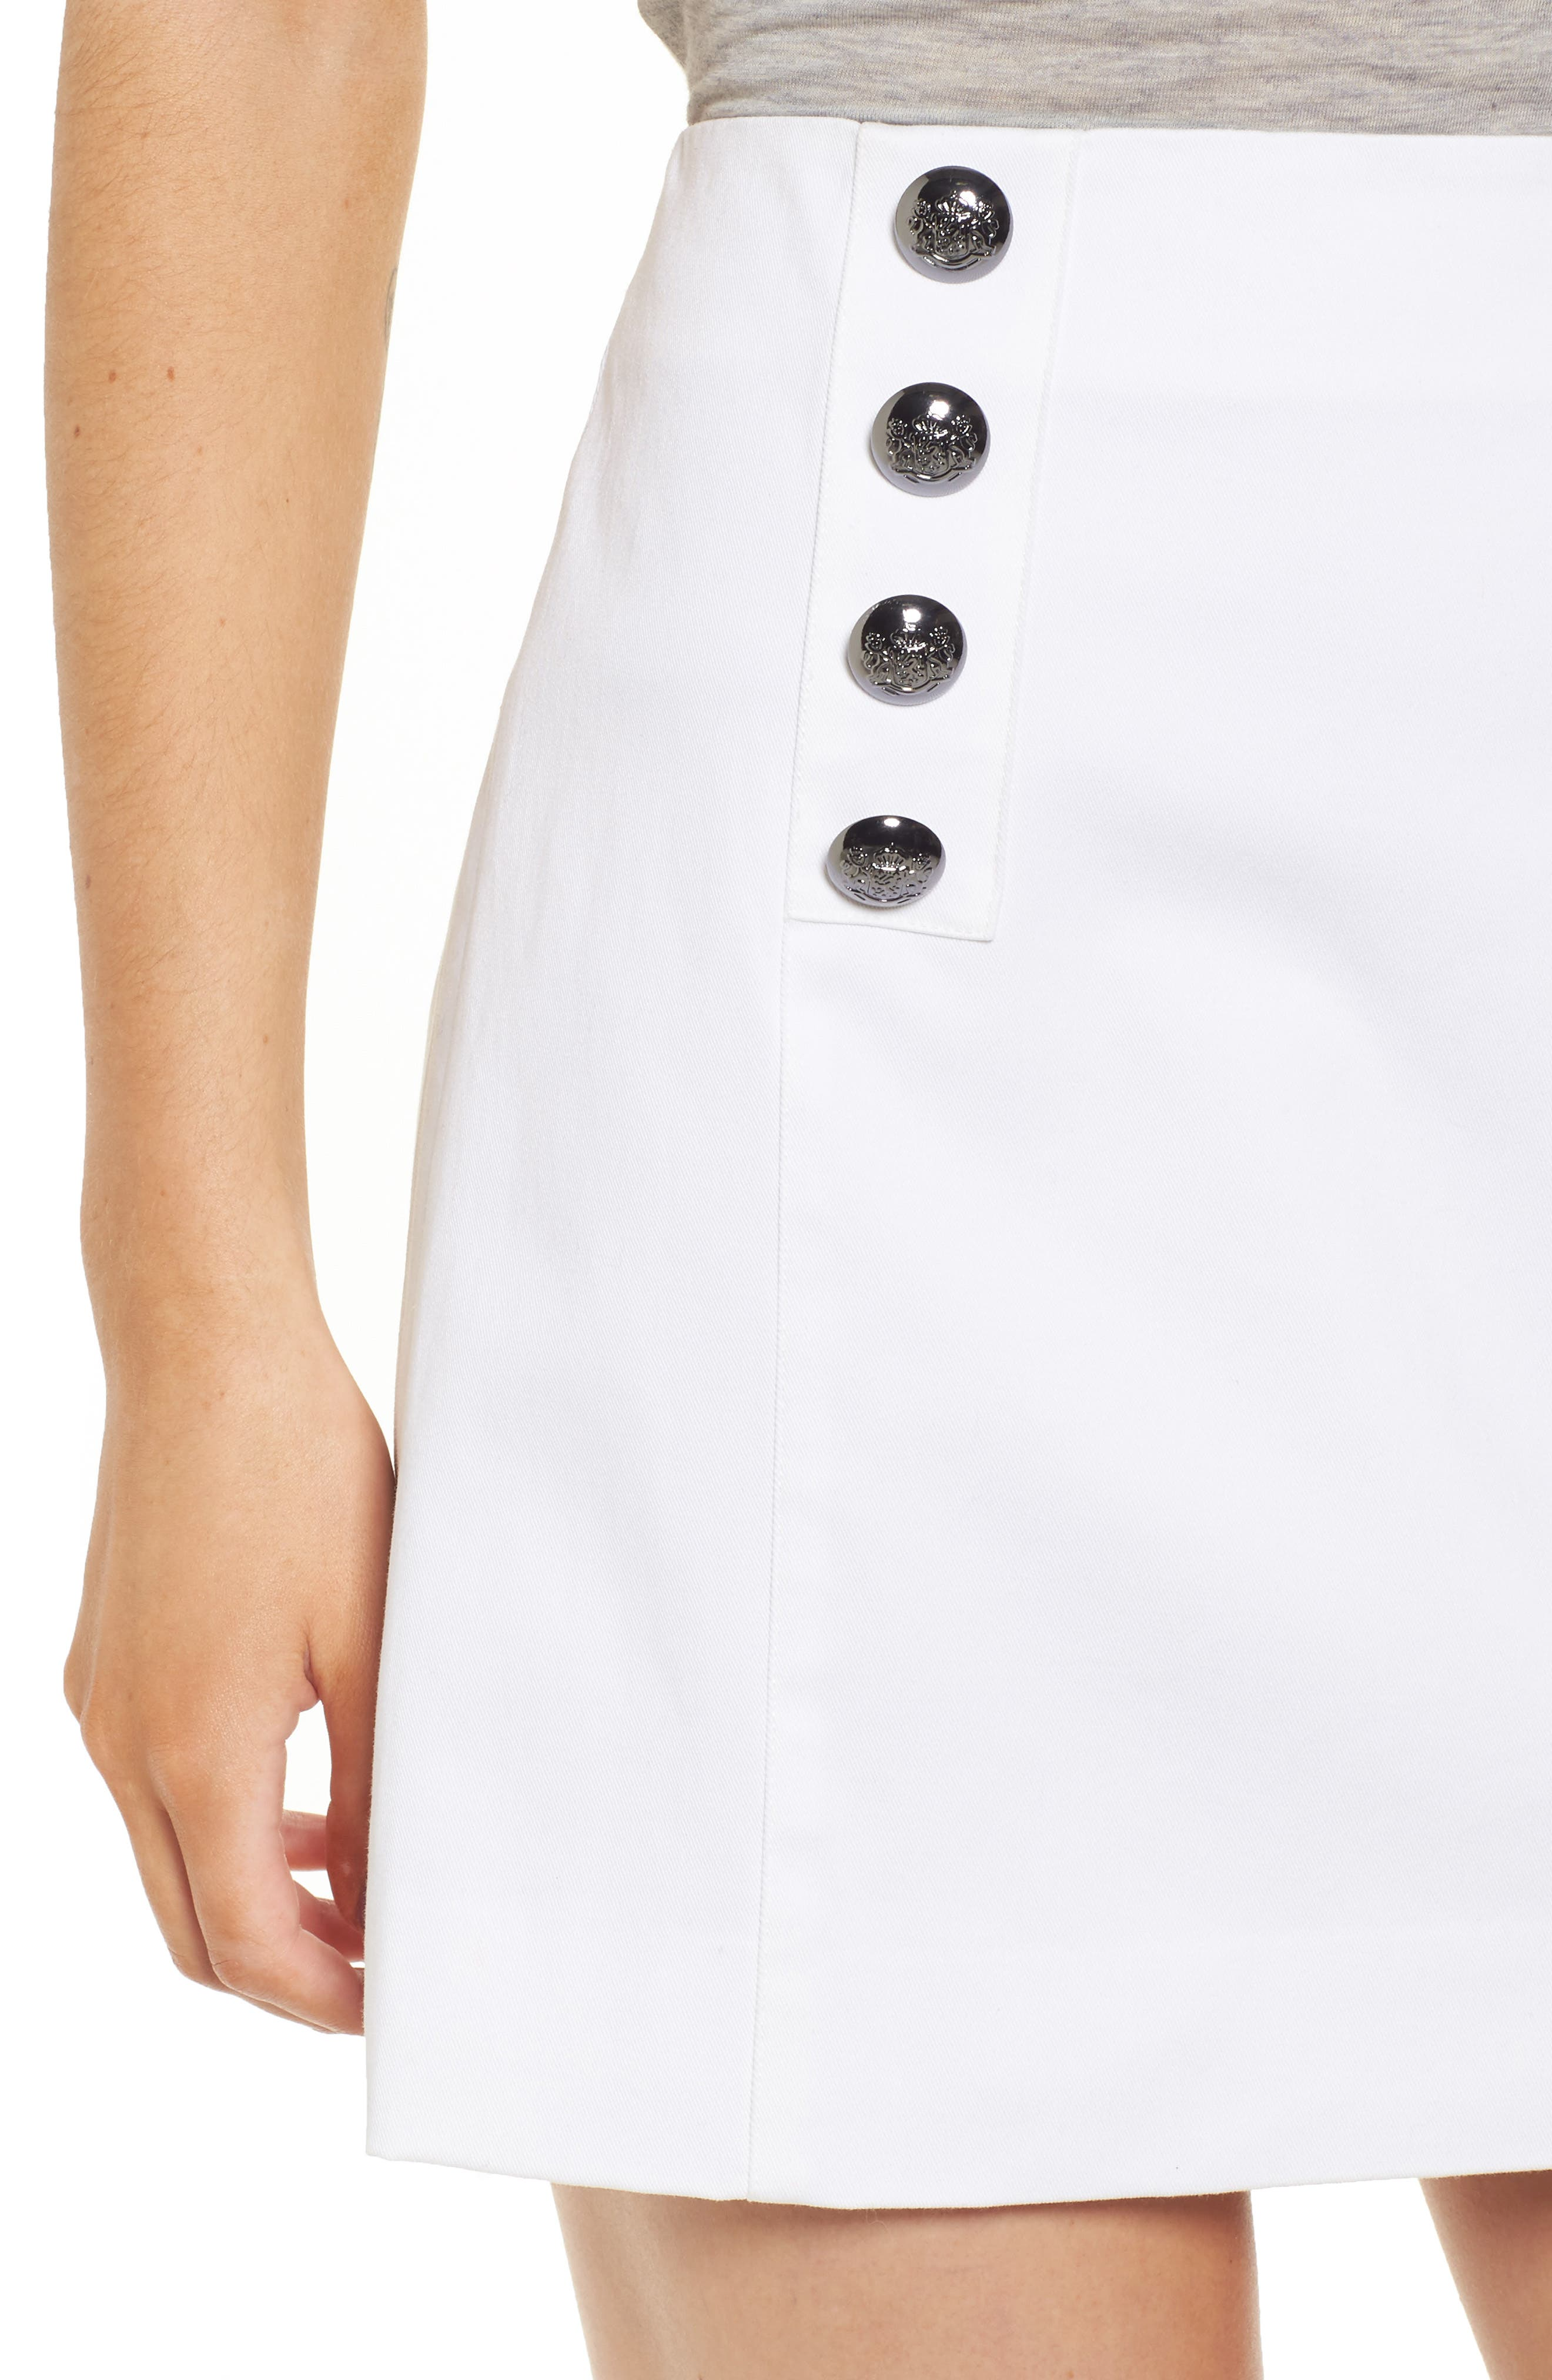 Sloane Miniskirt,                             Alternate thumbnail 4, color,                             907